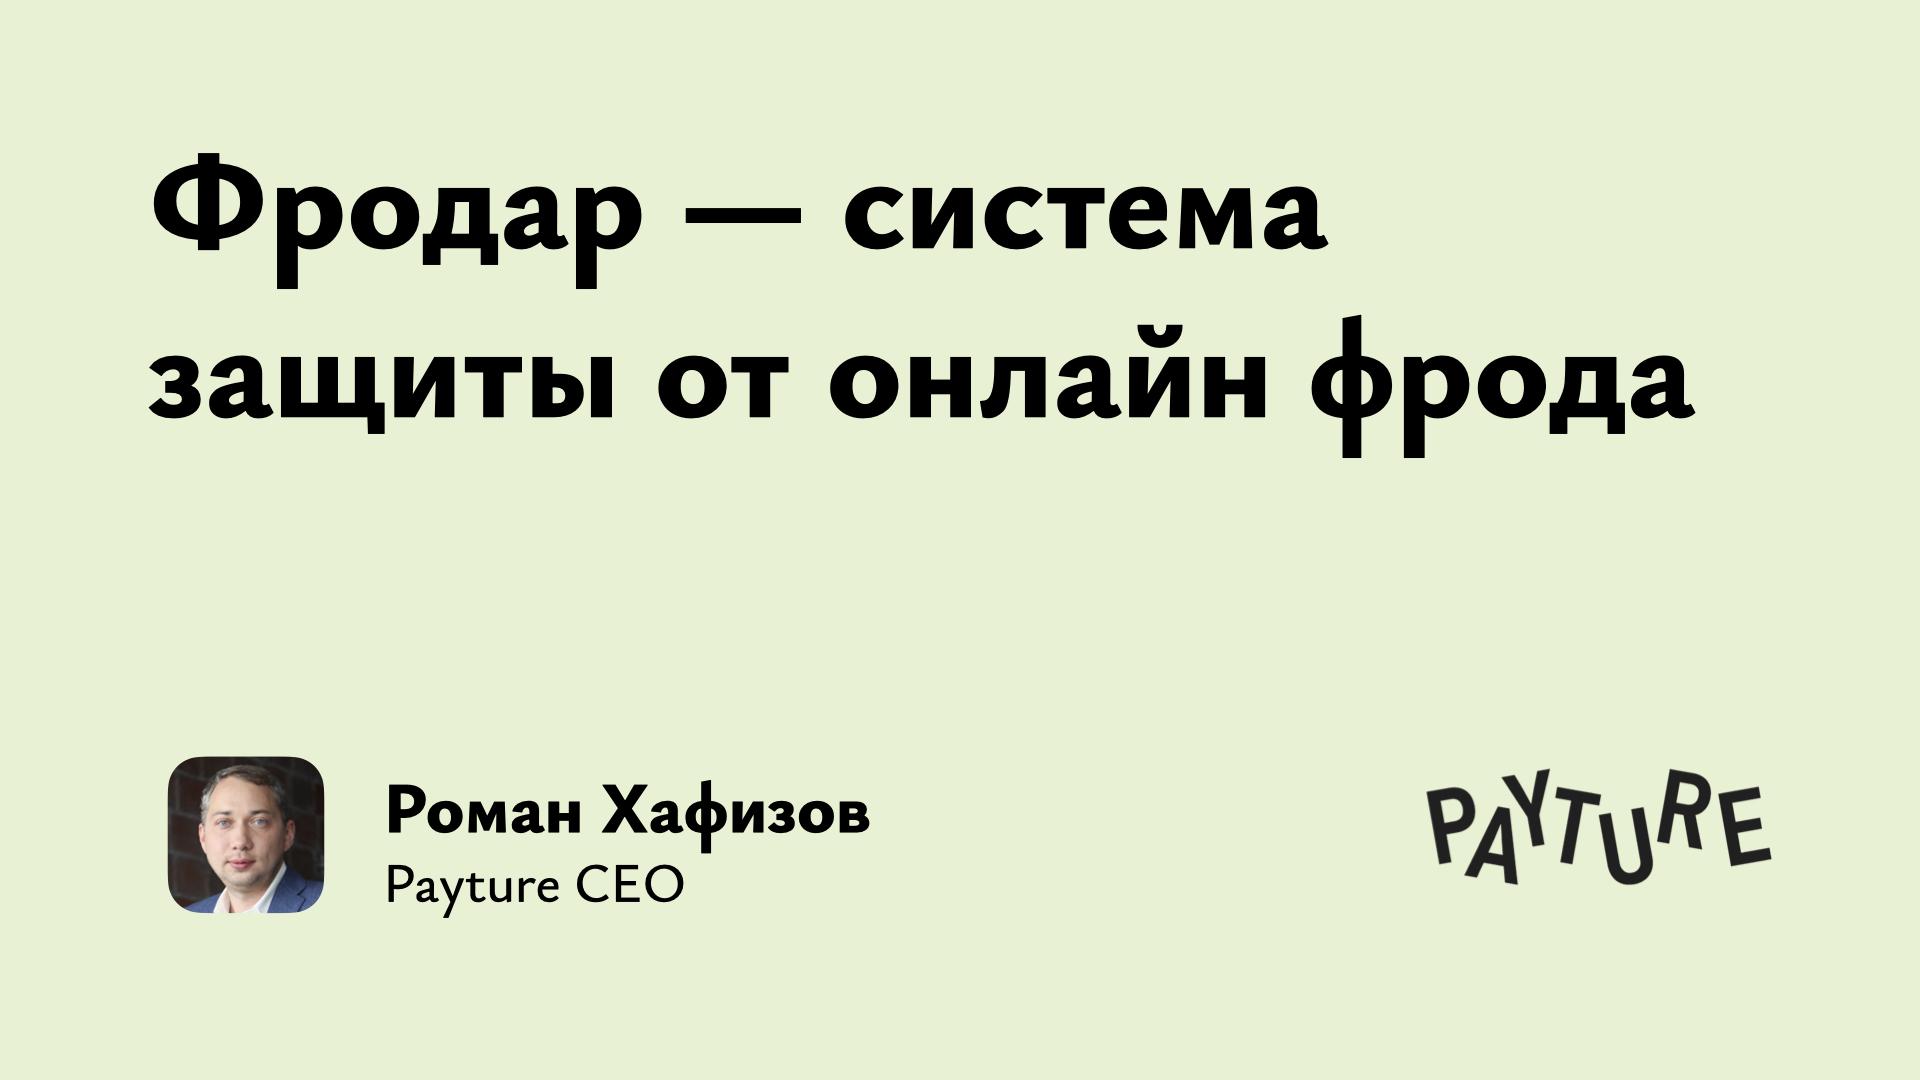 Кейс «Подготовка Payture CEO Романа Хафизова к выступлению на конференции», 2014